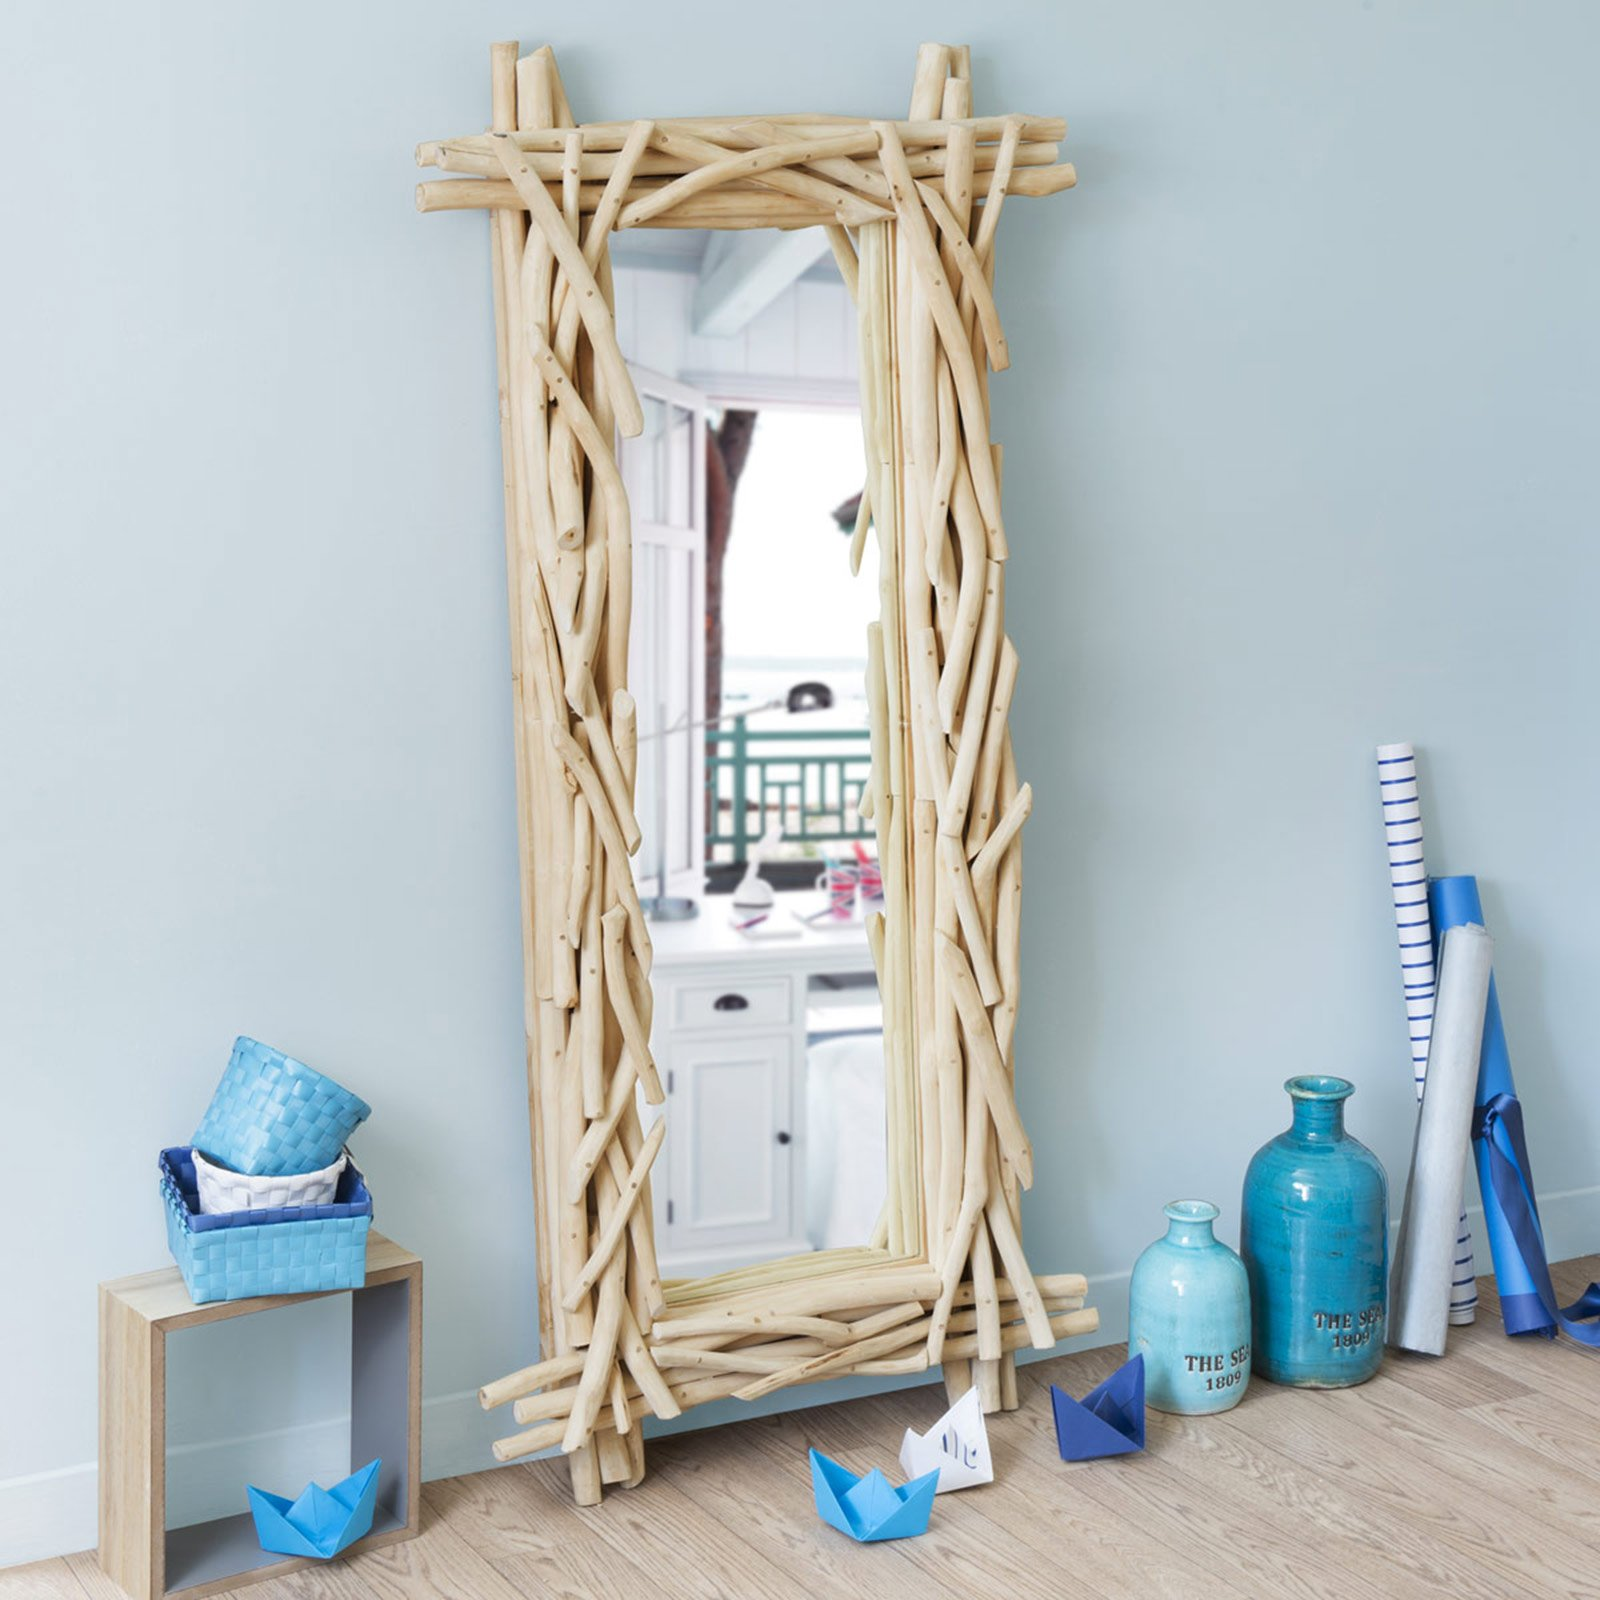 Specchi questione di riflessi cose di casa for Specchi da parete maison du monde